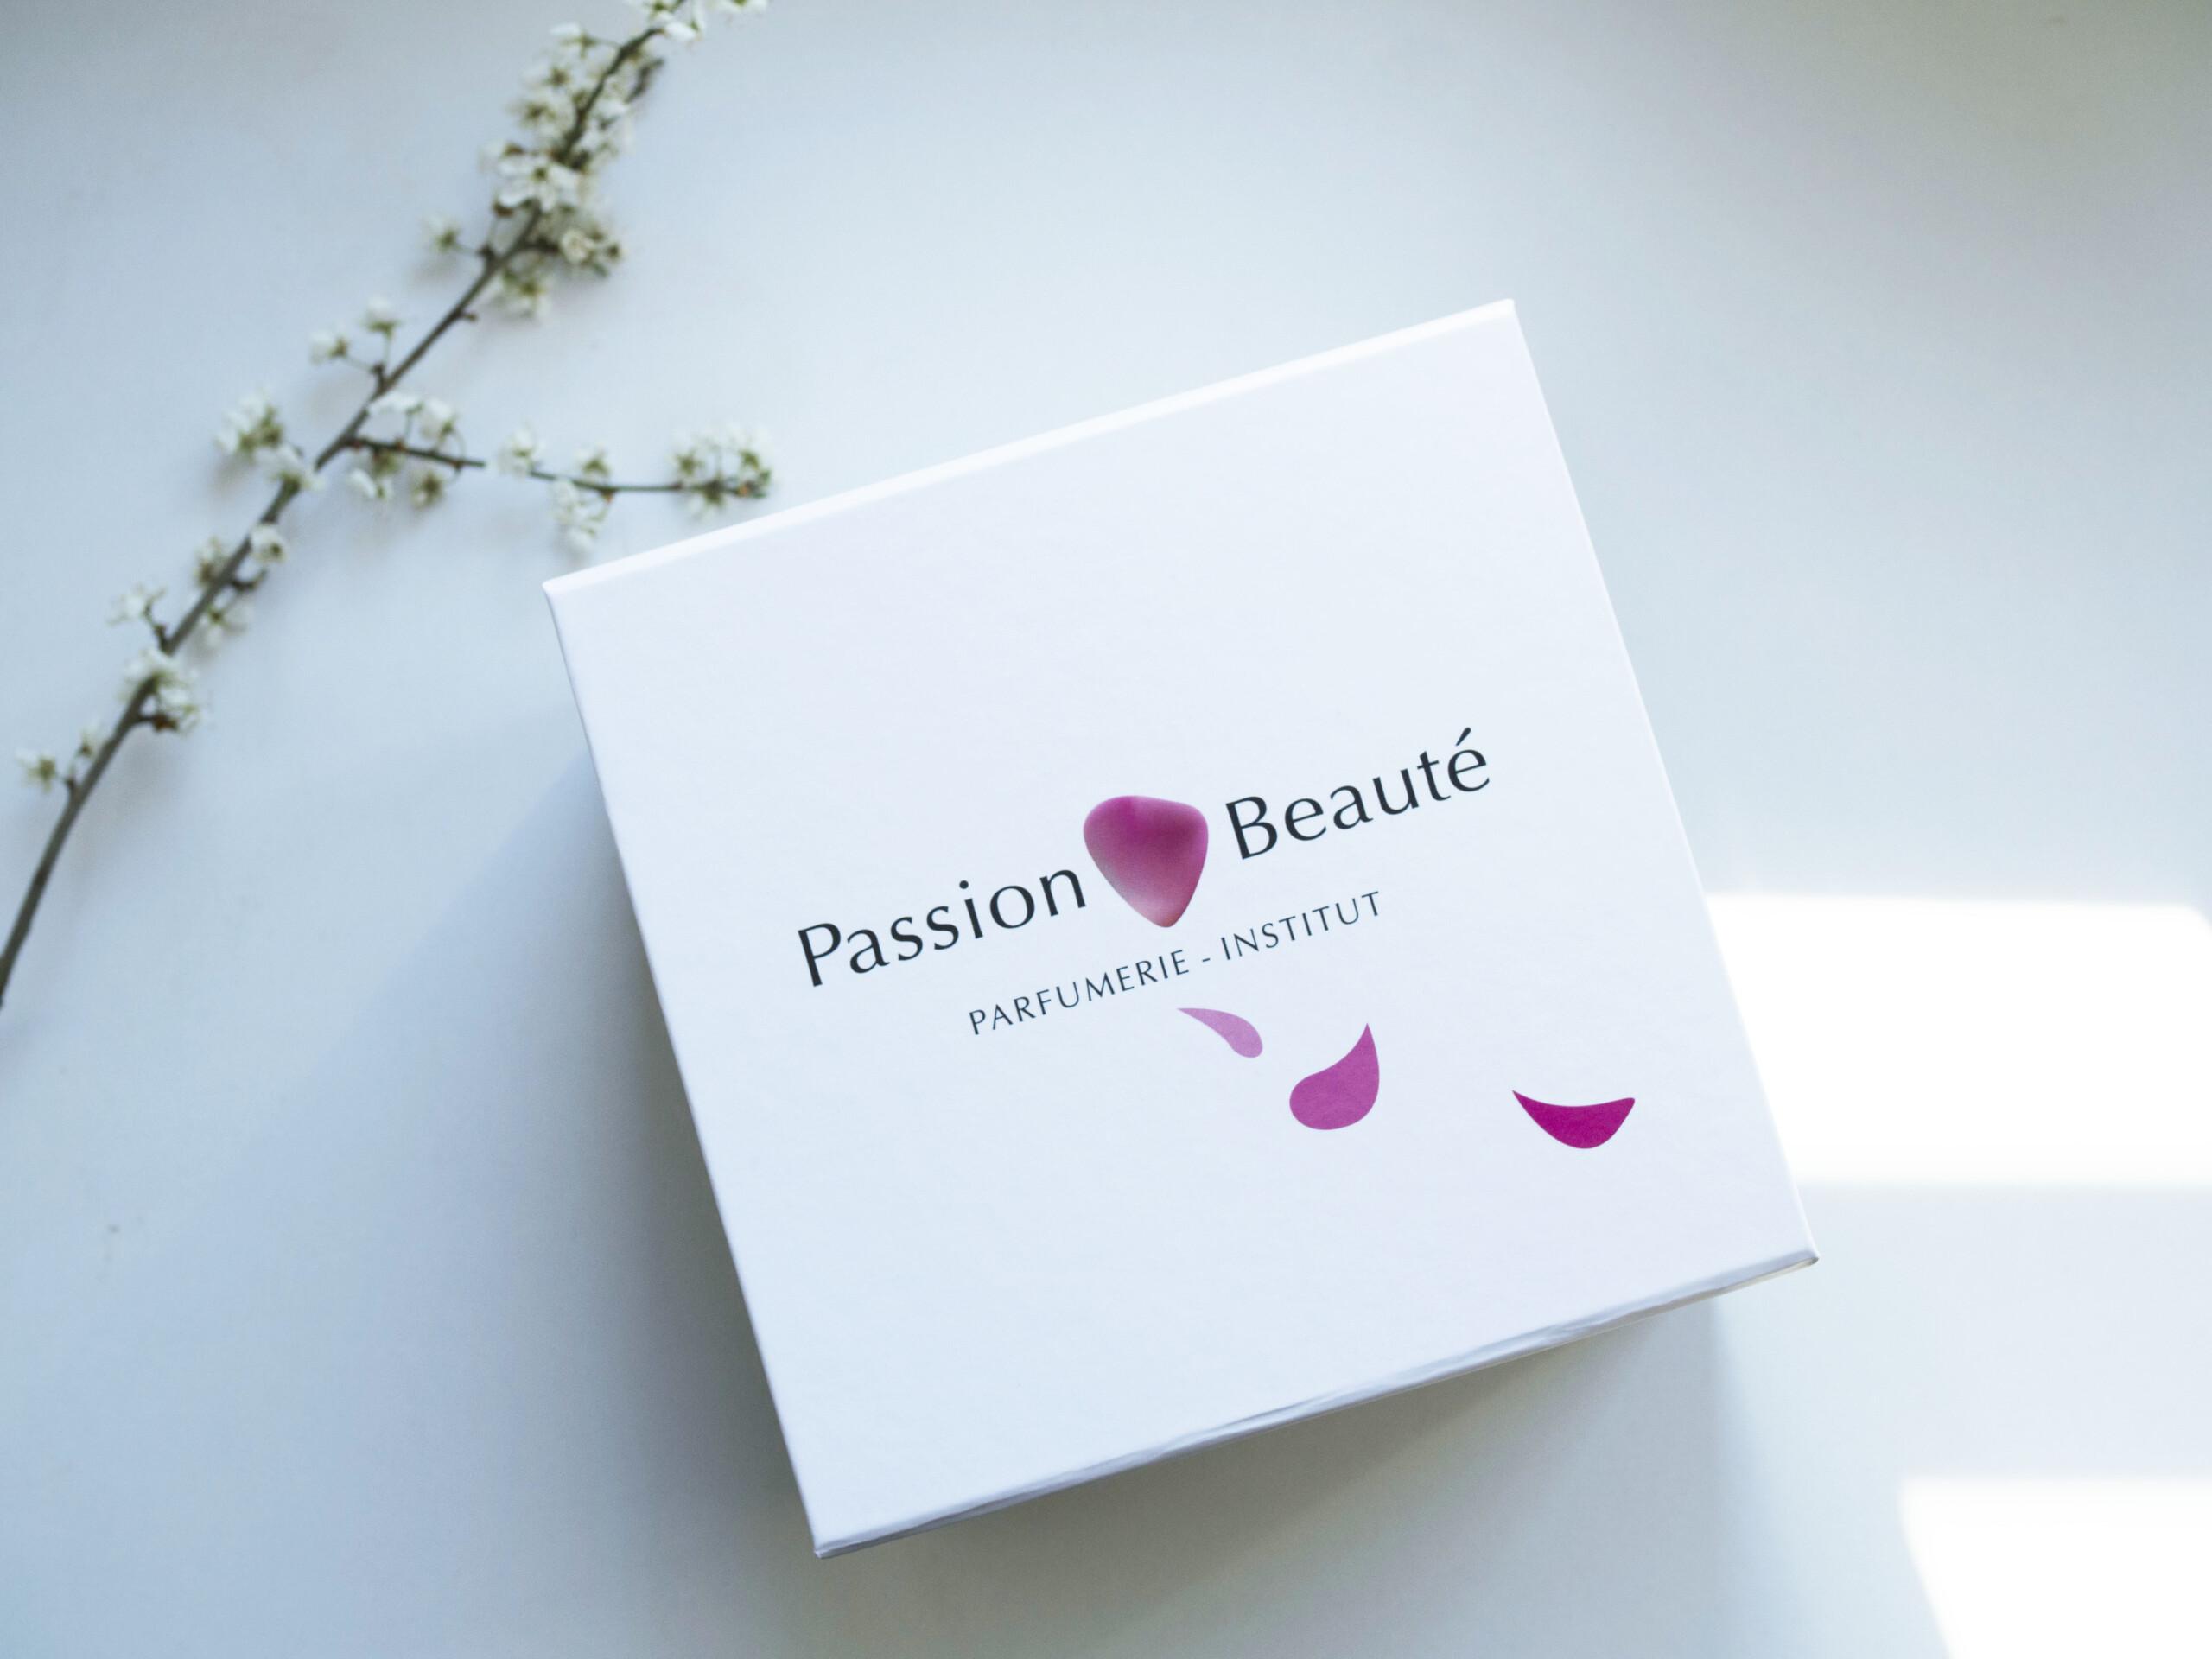 passion-beauté-avis